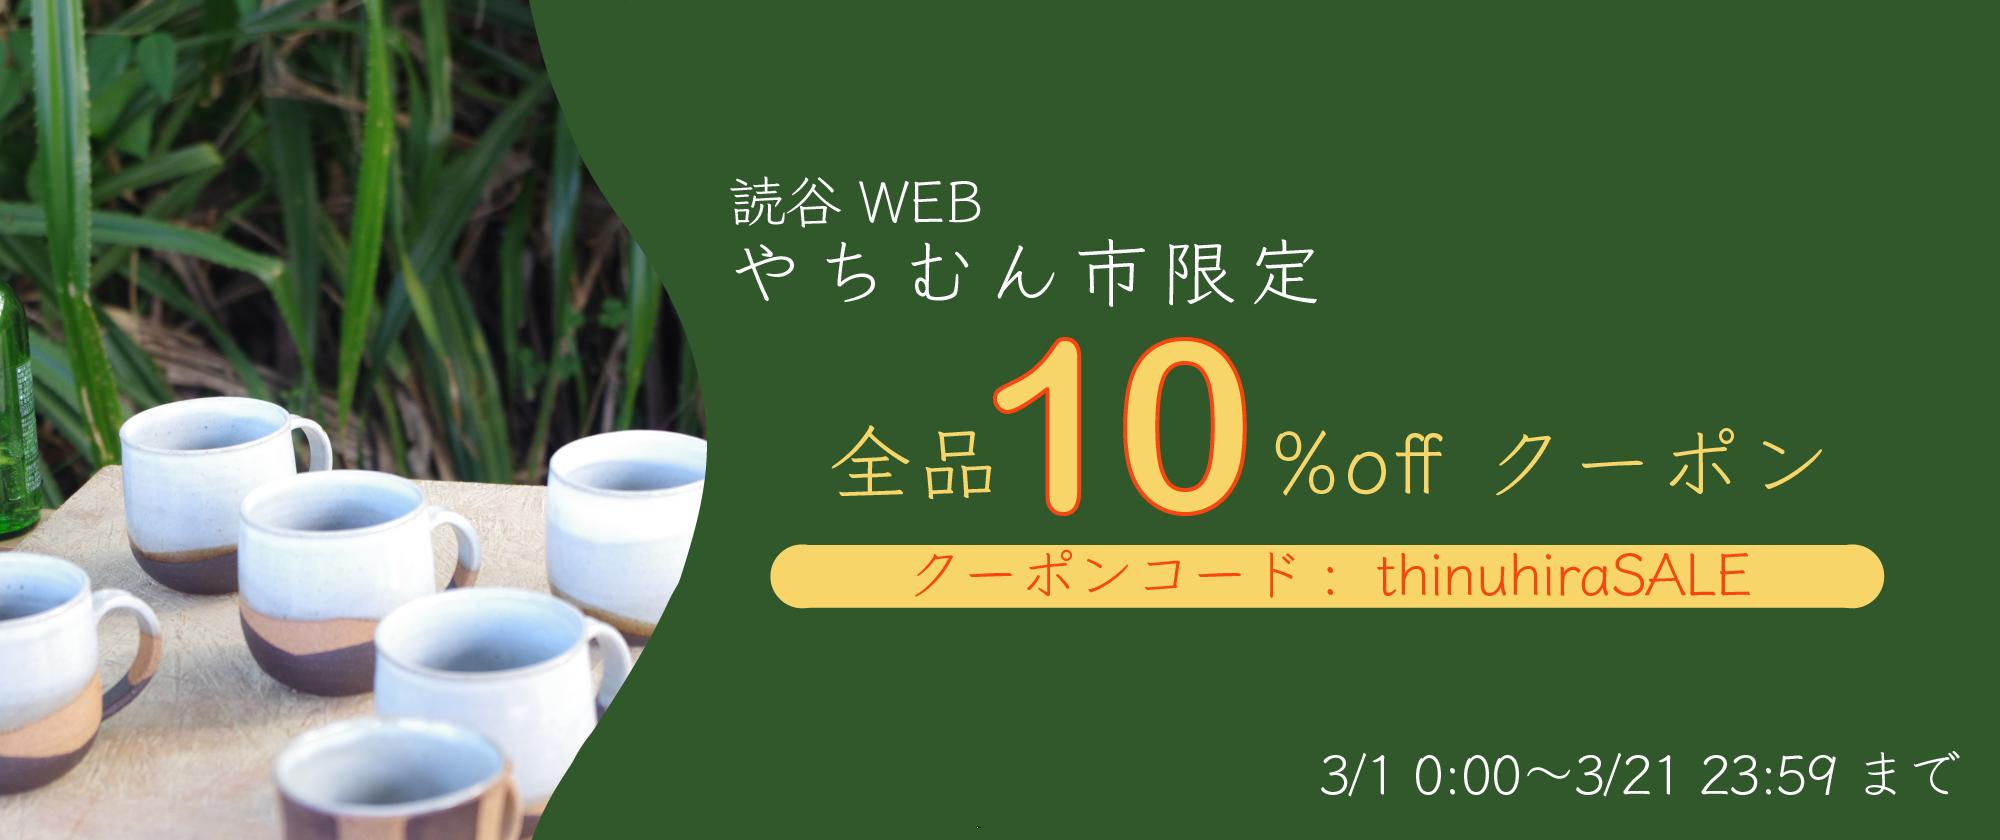 【読谷WEBやちむん市クーポン】てぃぬひら工房限定